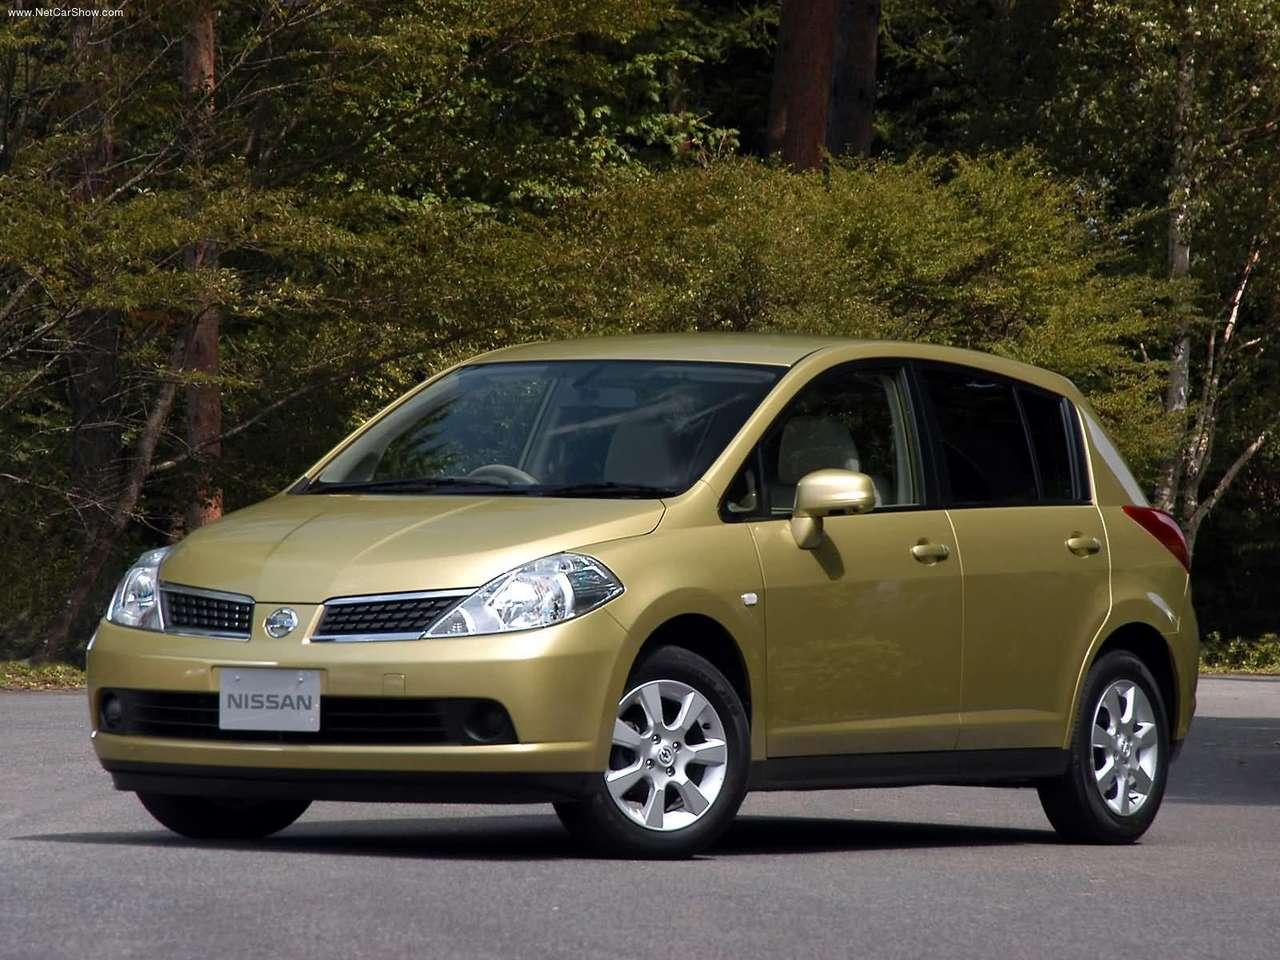 http://2.bp.blogspot.com/-hXXQF2HYHCs/TXtIm-fJFOI/AAAAAAAAFao/Y3ehPrg8WtU/s1600/Nissan-Tiida_2004_1280x960_wallpaper_01.jpg